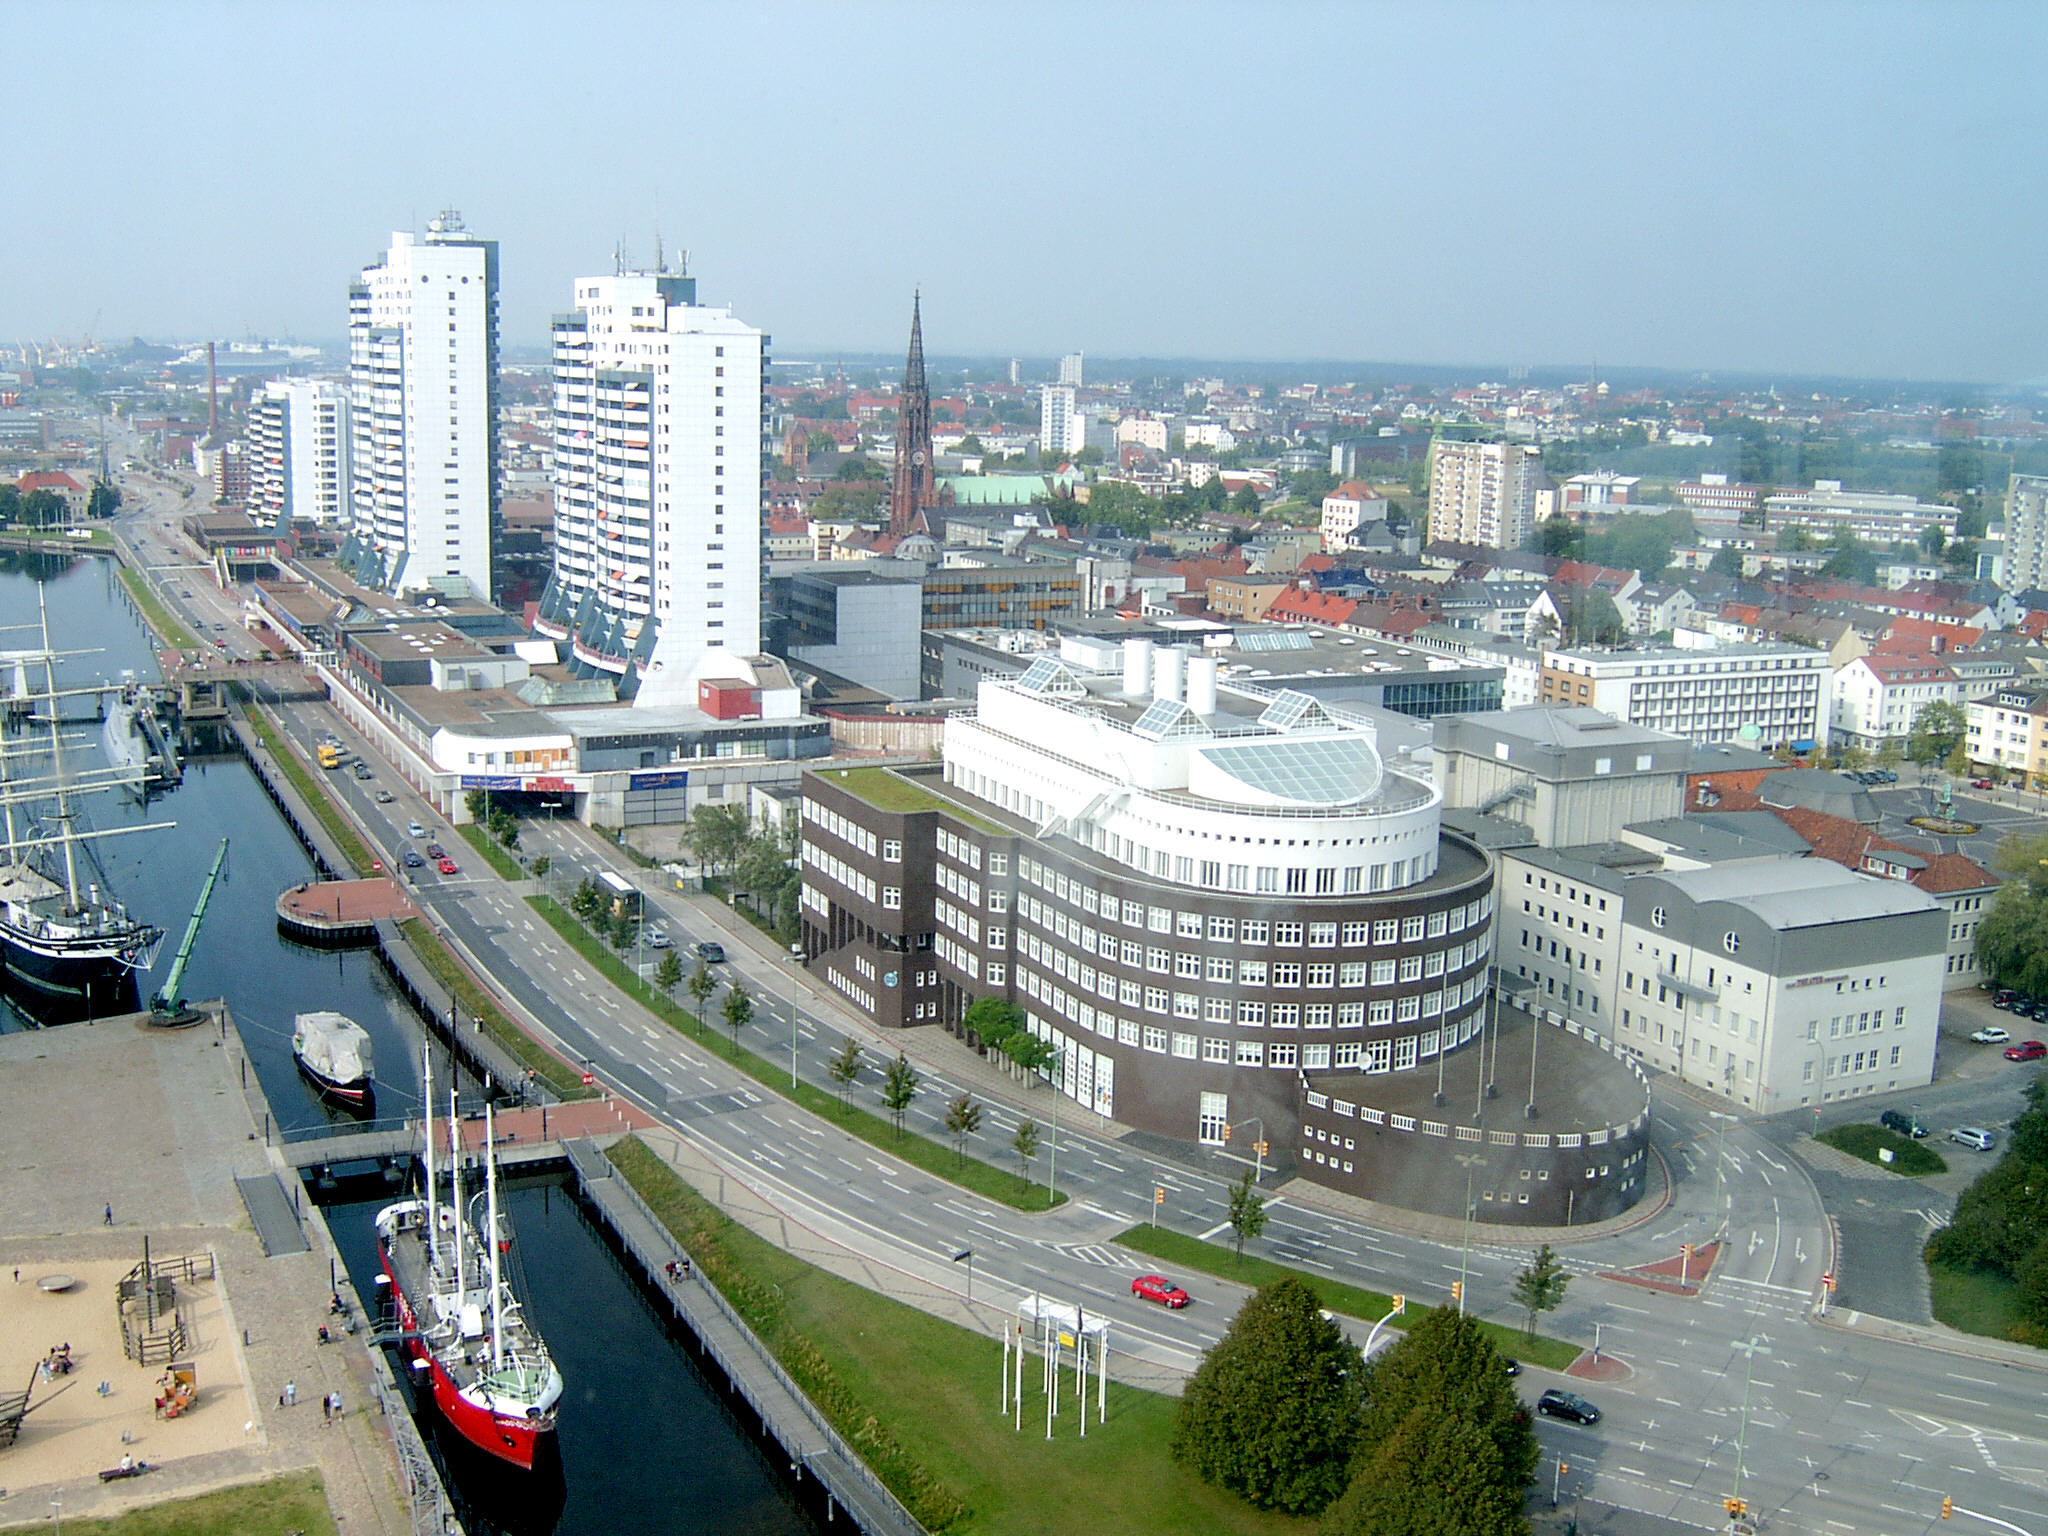 De Bremerhaven heeft capaciteit verloren aan de havens van Antwerpen en Rotterdam. (Foto Wikipedia)